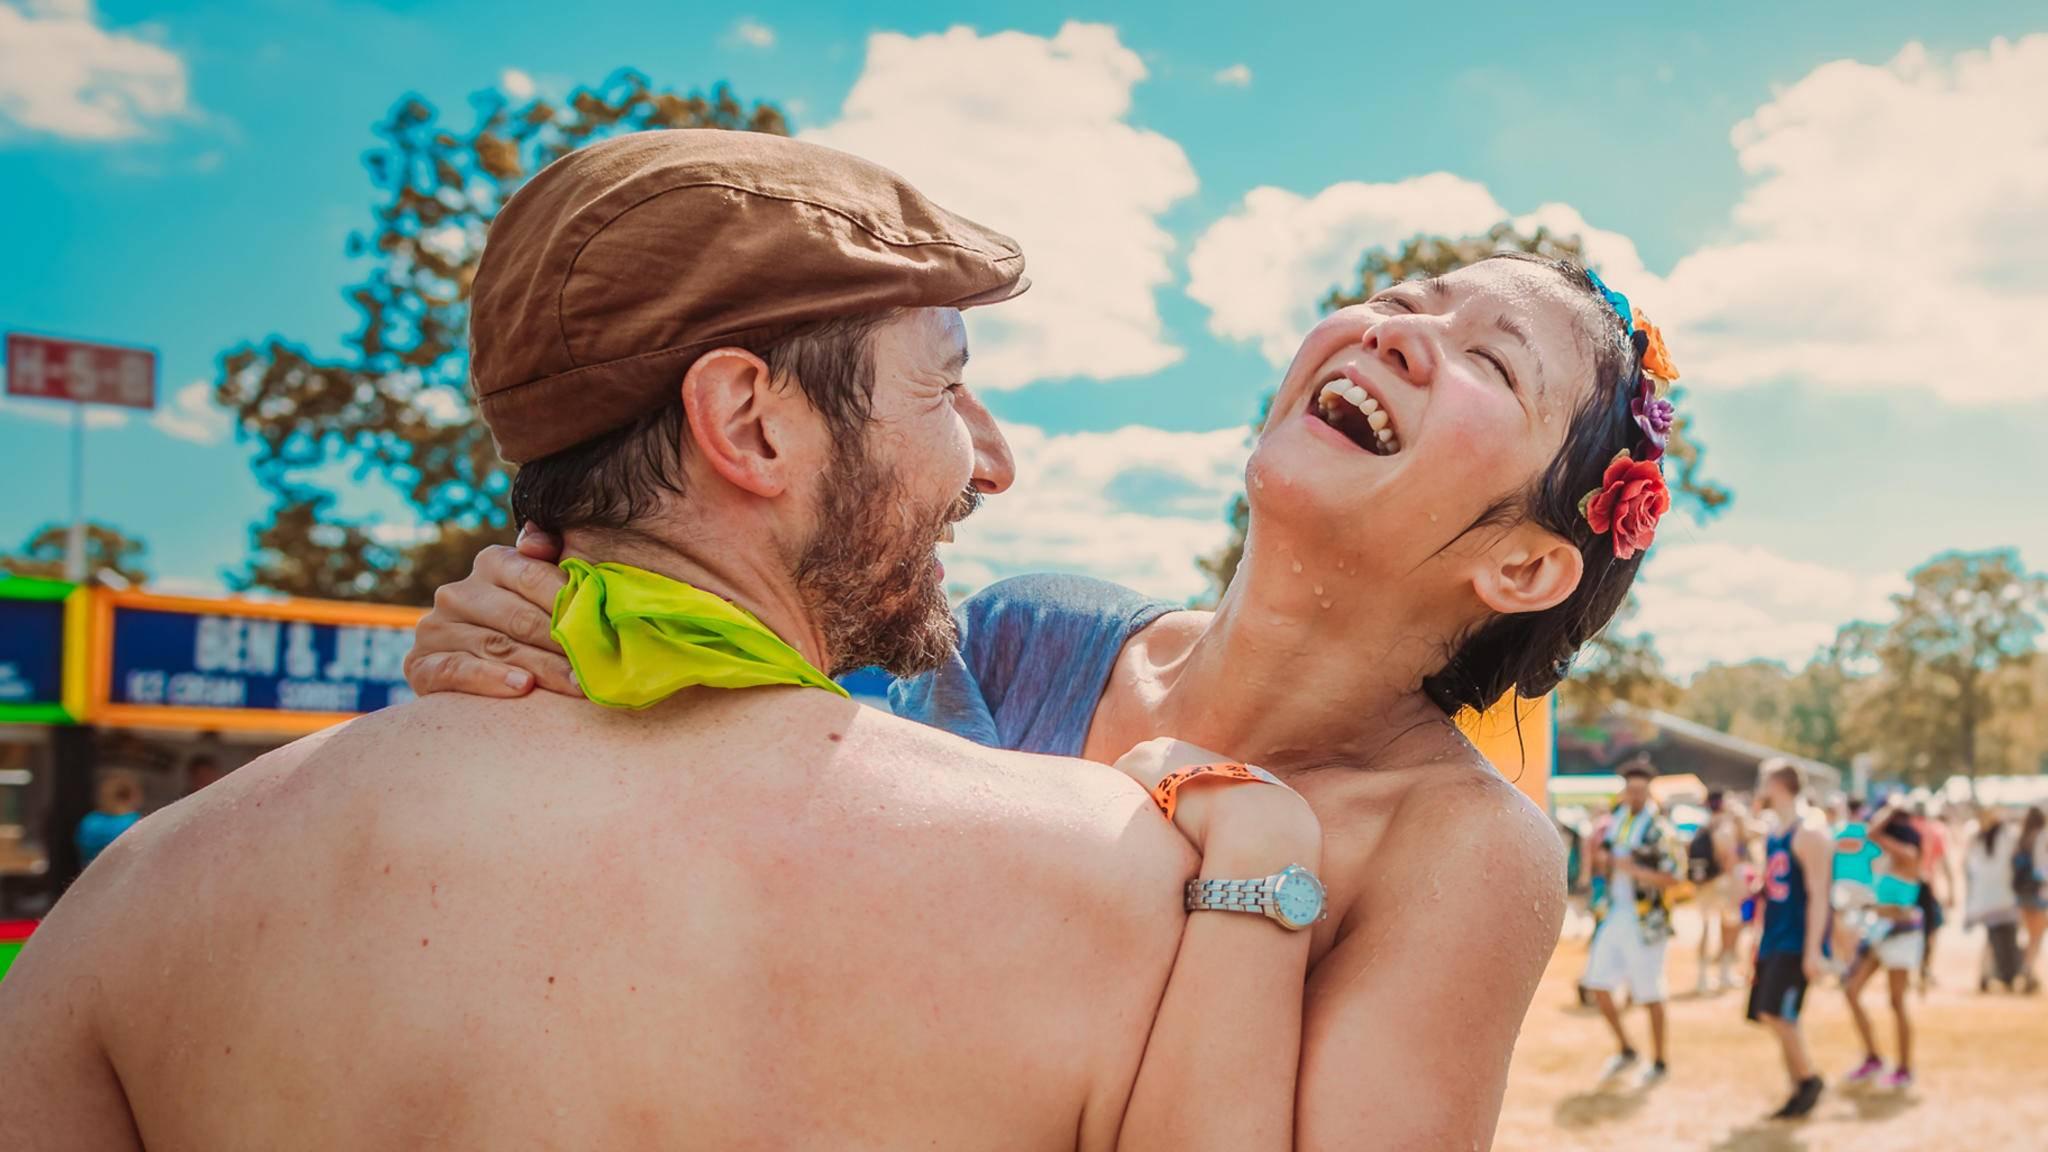 Auf dem Bonnaroo Festival können Besucher ihre Kleidung reinigen lassen.